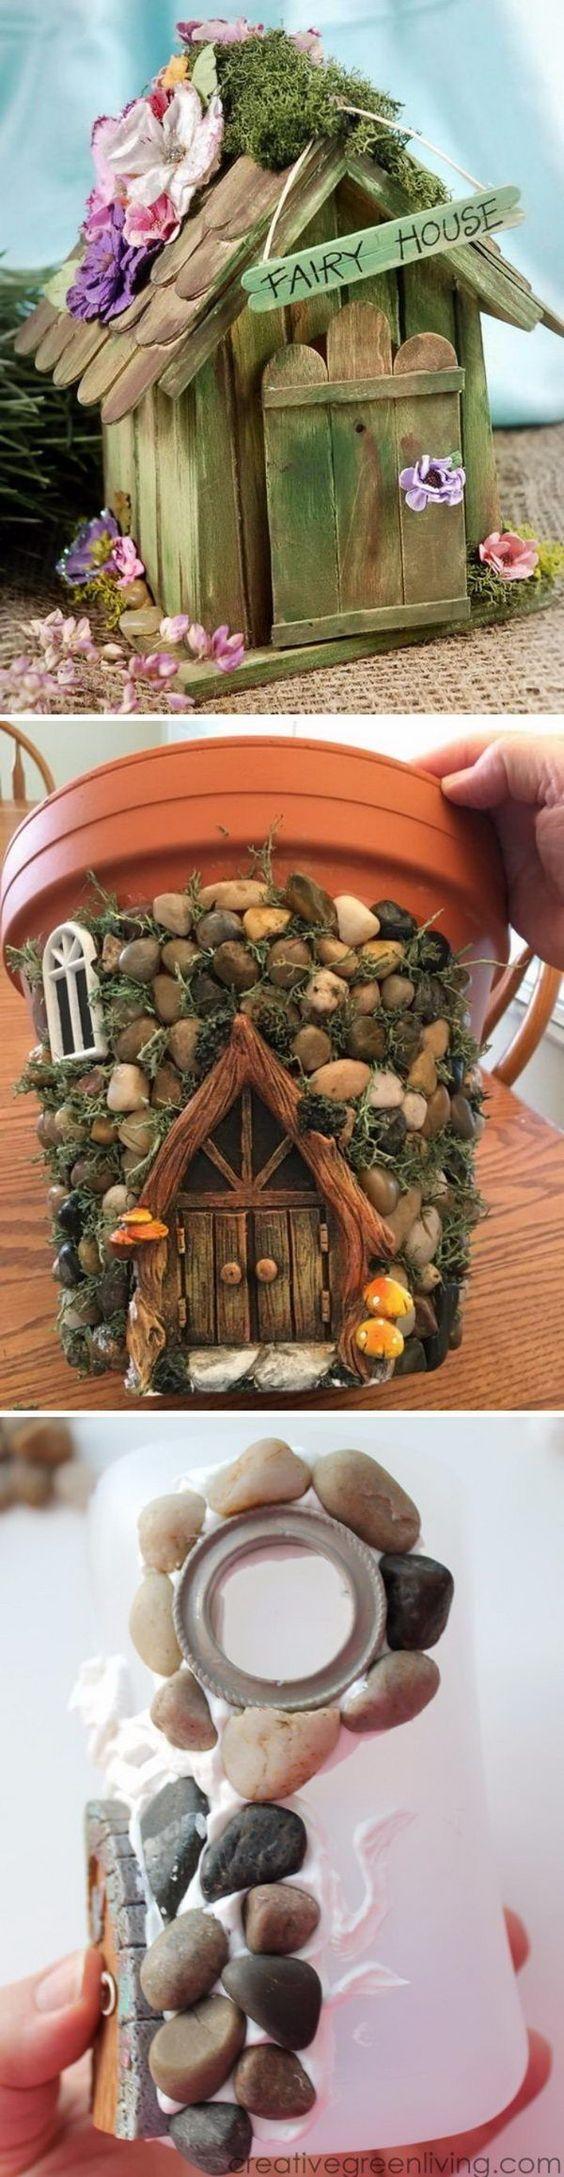 曾梦想过有一个微型花园?那么仙女花园将是伟大的你。童话花园可能受到神话,神奇和微小生物的启发,但你显然不需要相信童话建造一个。所有你需要的是创造性的想象力,你可以很容易地在你的房子找到的小物品或...阅读更多»